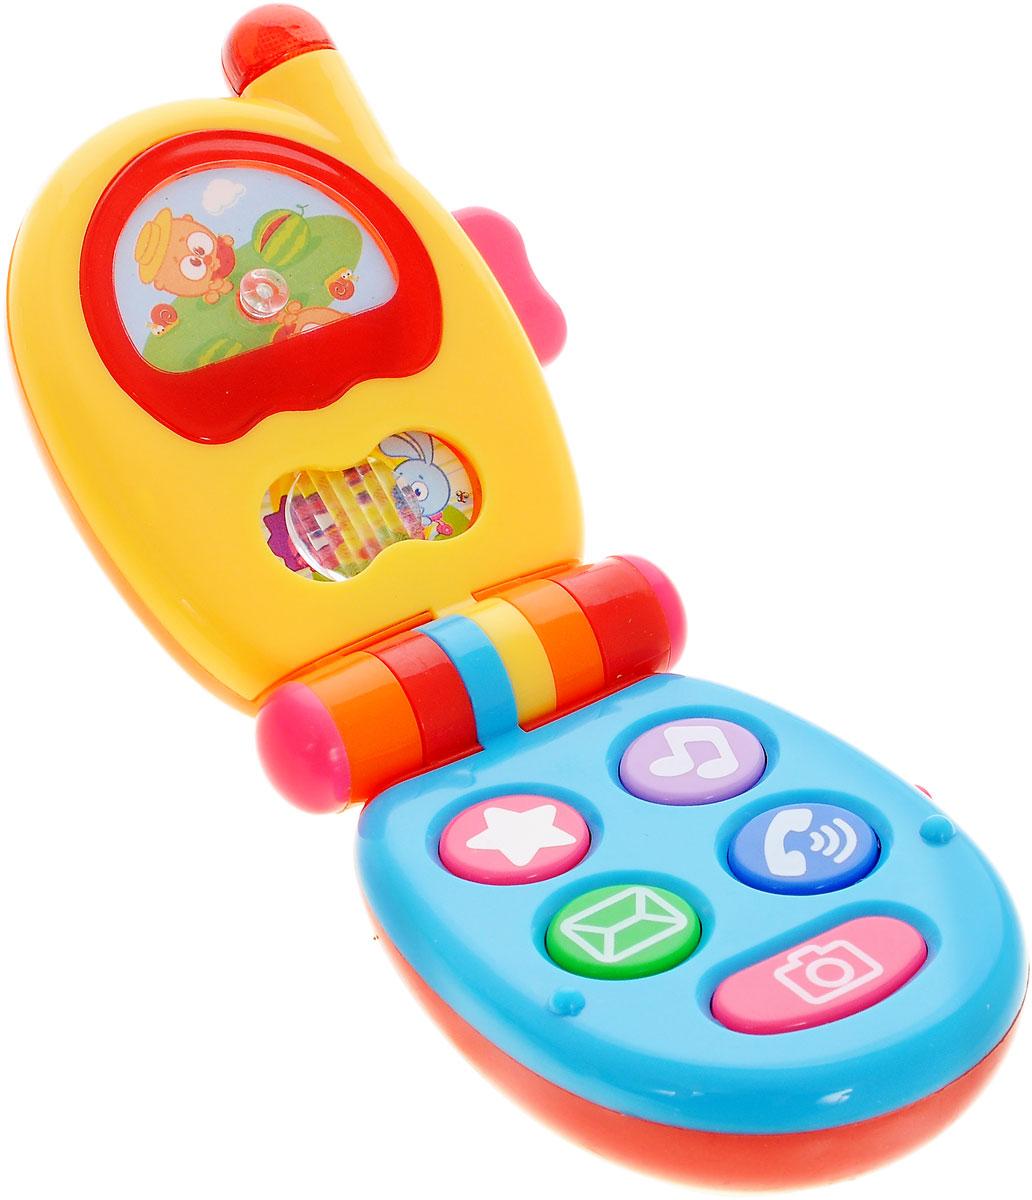 Малышарики Музыкальная игрушка Телефон цвет желтый голубойMSH0303-005Музыкальная игрушка Телефон со световыми и звуковыми эффектами обязательно порадует малыша. На поверхности телефона малыш обнаружит множество функциональных кнопочек и подвижную картинку, на которой изображены популярные мультгерои Малышарики. Выполненная в приятной цветовой гамме, игрушка имеет разнообразные интерактивные элементы, которые стимулируют развитие зрительного, слухового и тактильного восприятия ребенка. Необходимо докупить 2 батарейки напряжением 1,5V типа ААА (не входят в комплект).